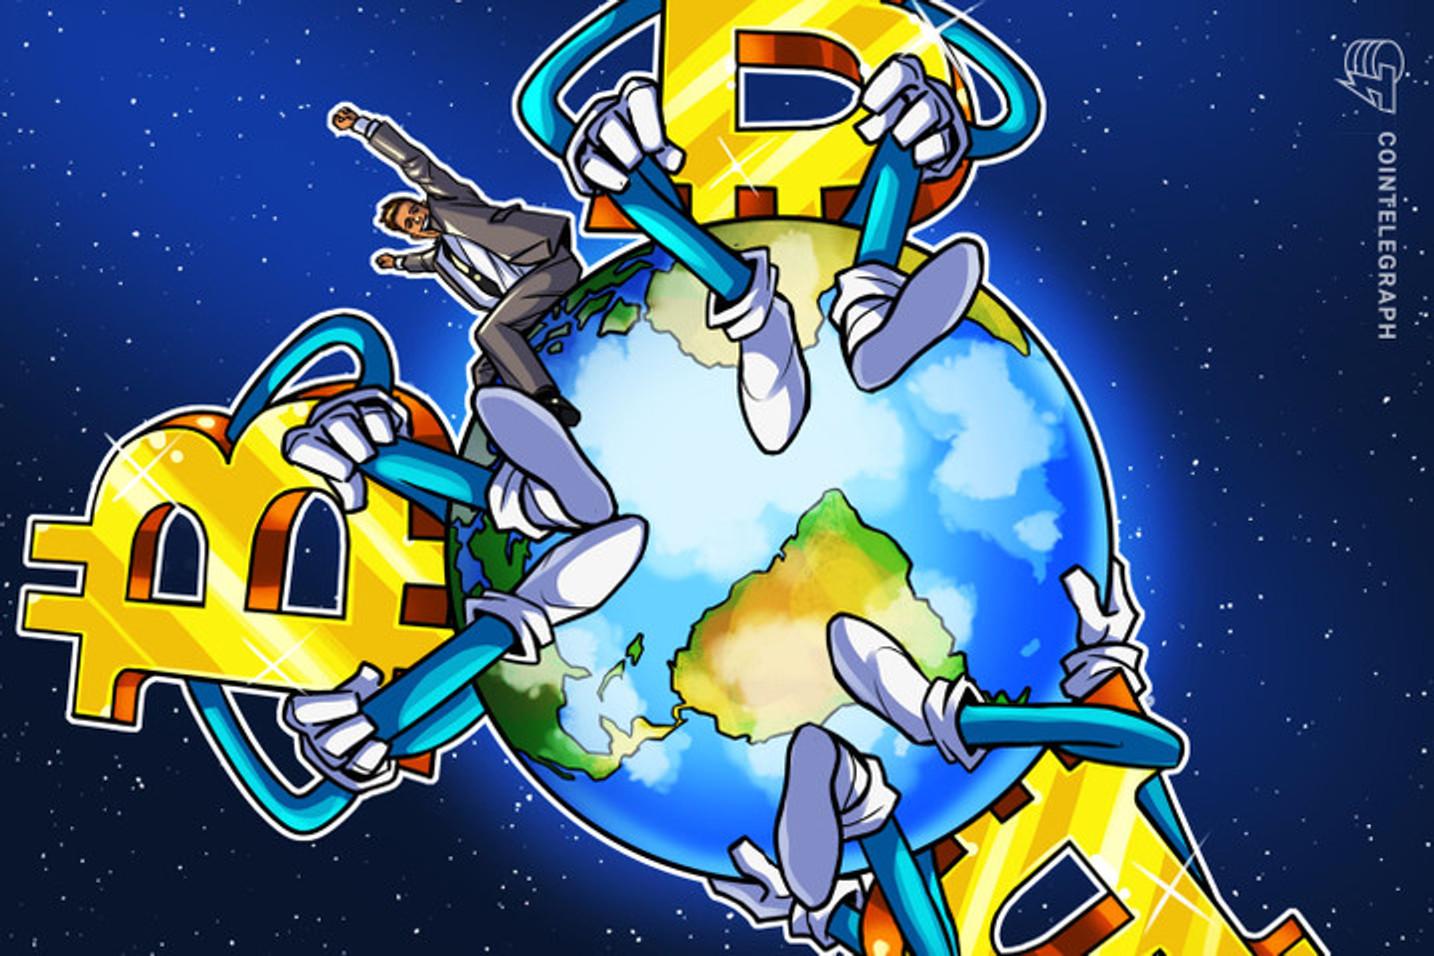 Entrada da Tesla no mercado de Bitcoin anima empresas brasileiras a investir em criptoativos